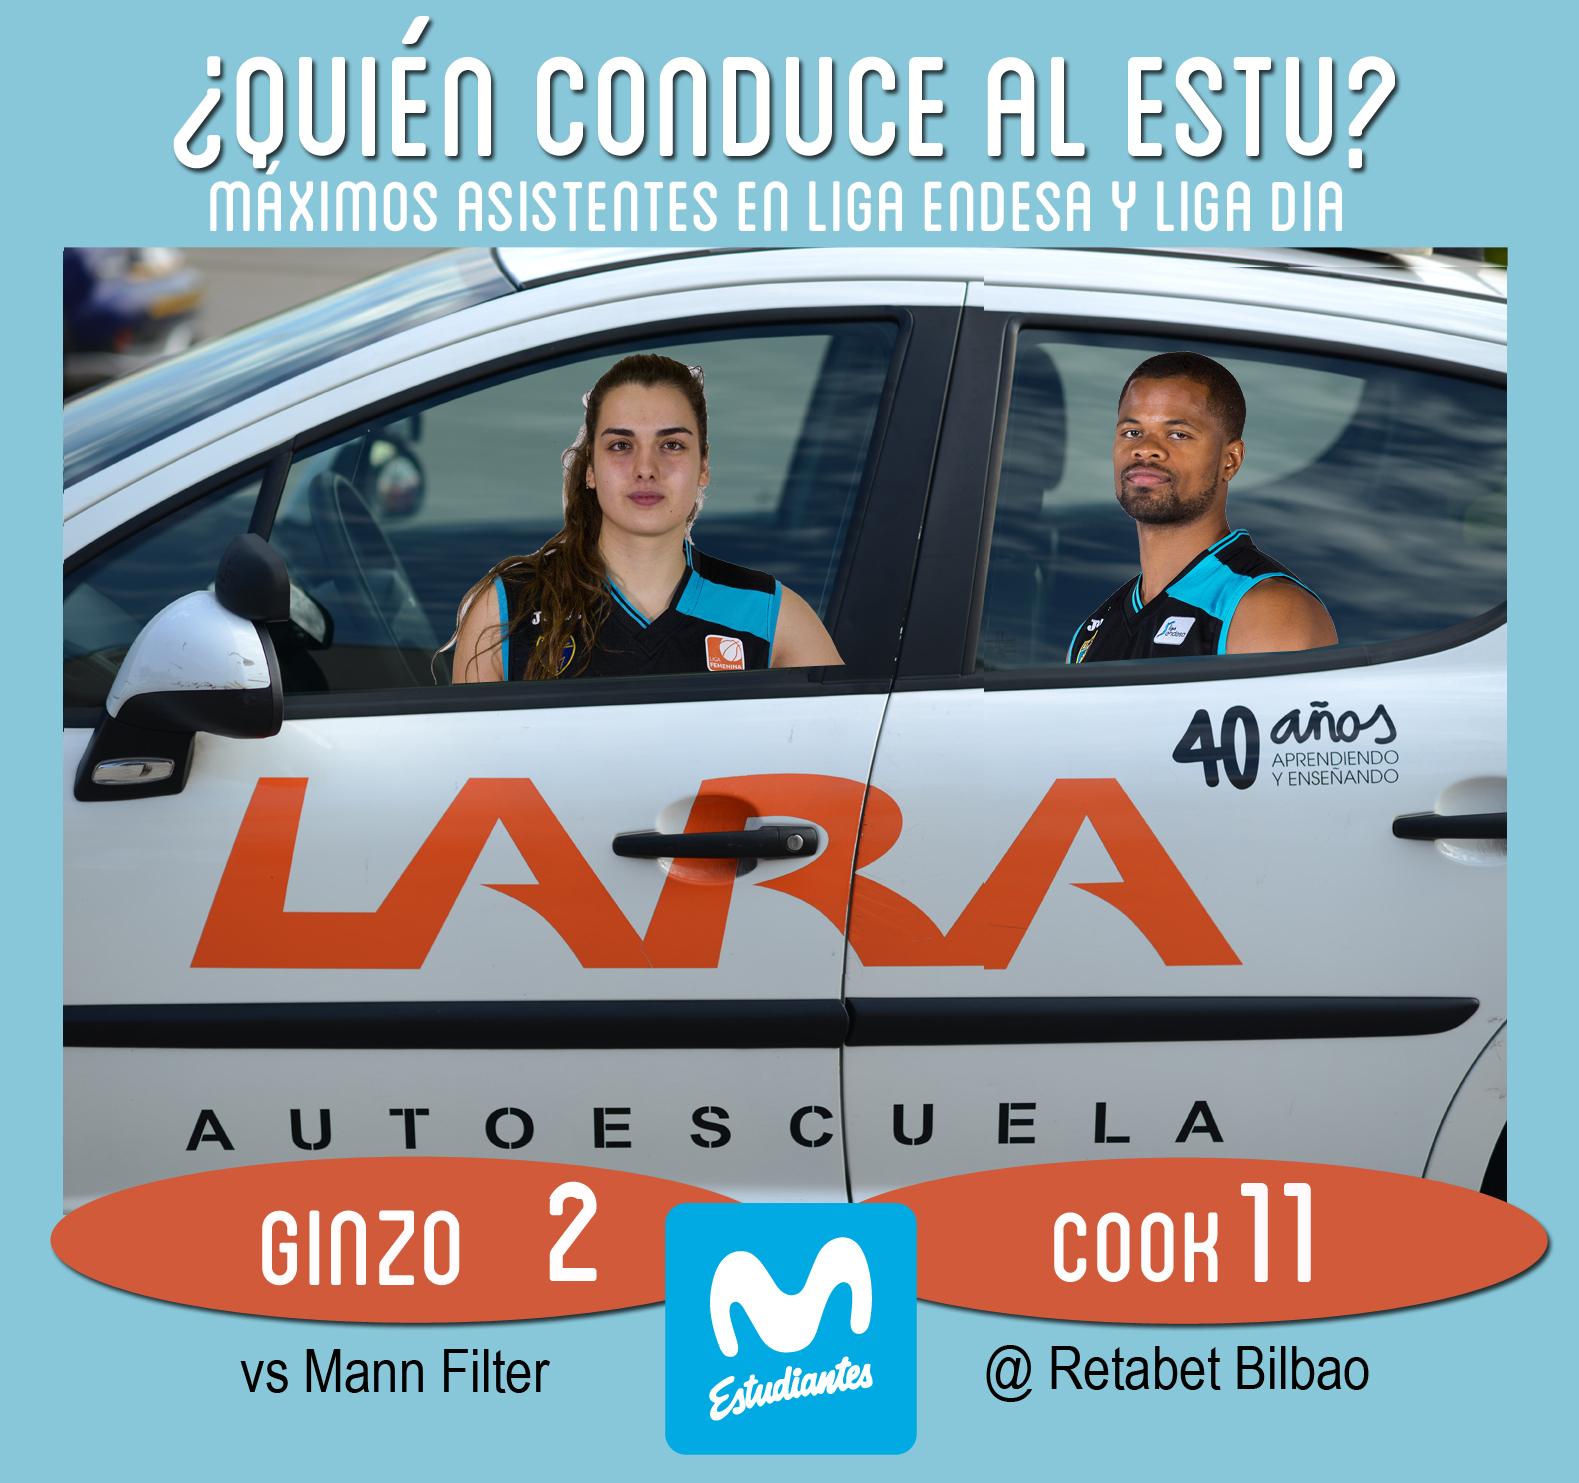 Conductores Autoescuela Lara: Omar Cook y Paula Ginzo